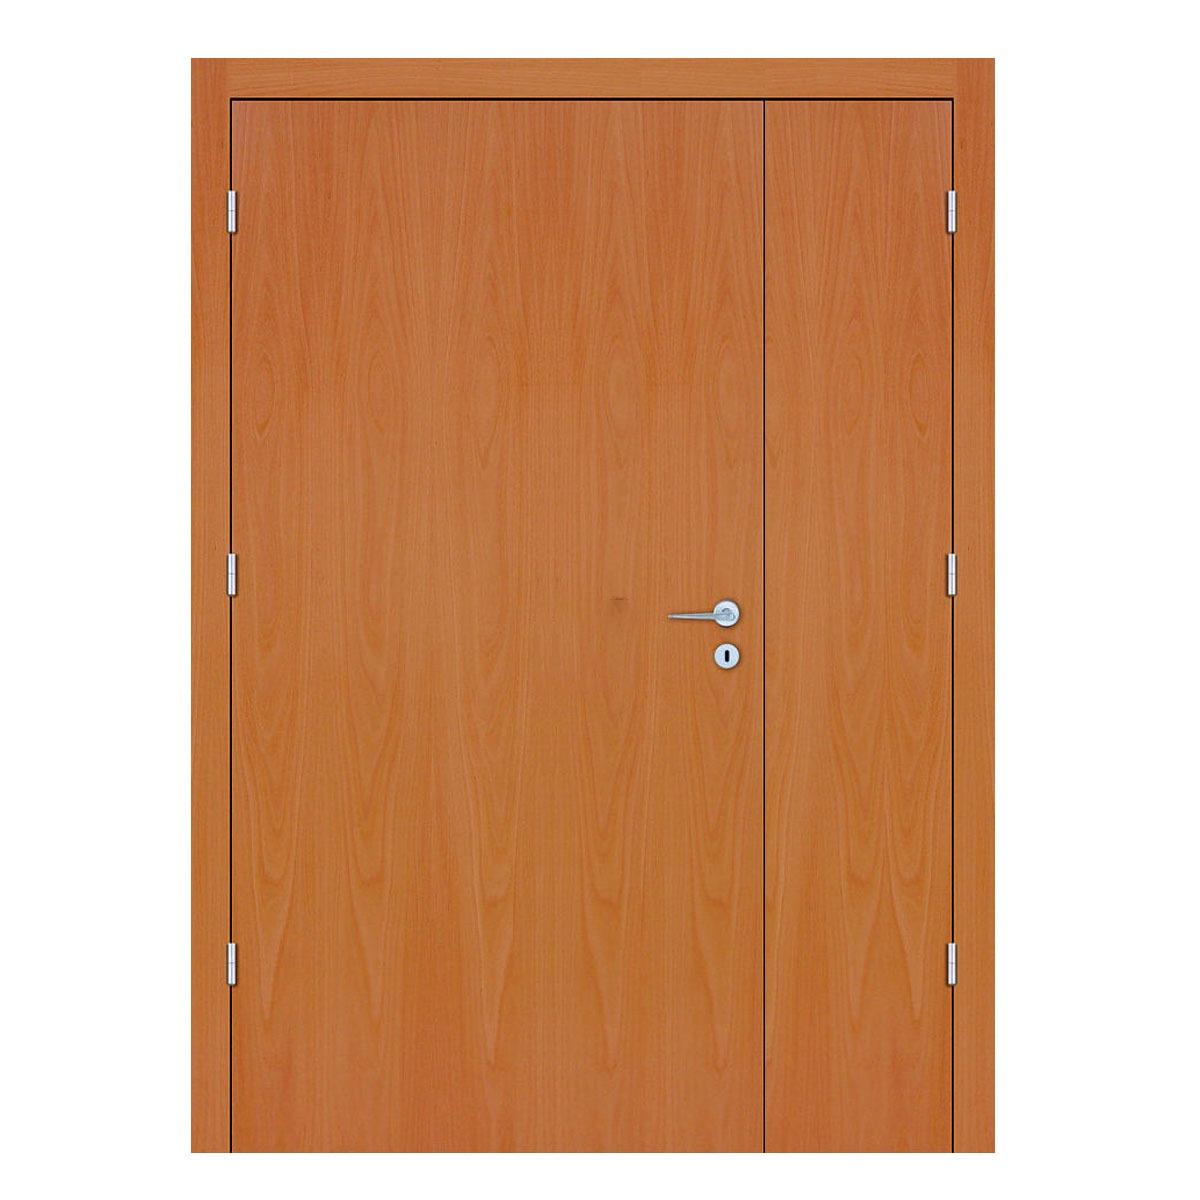 Beech Hospital Doors